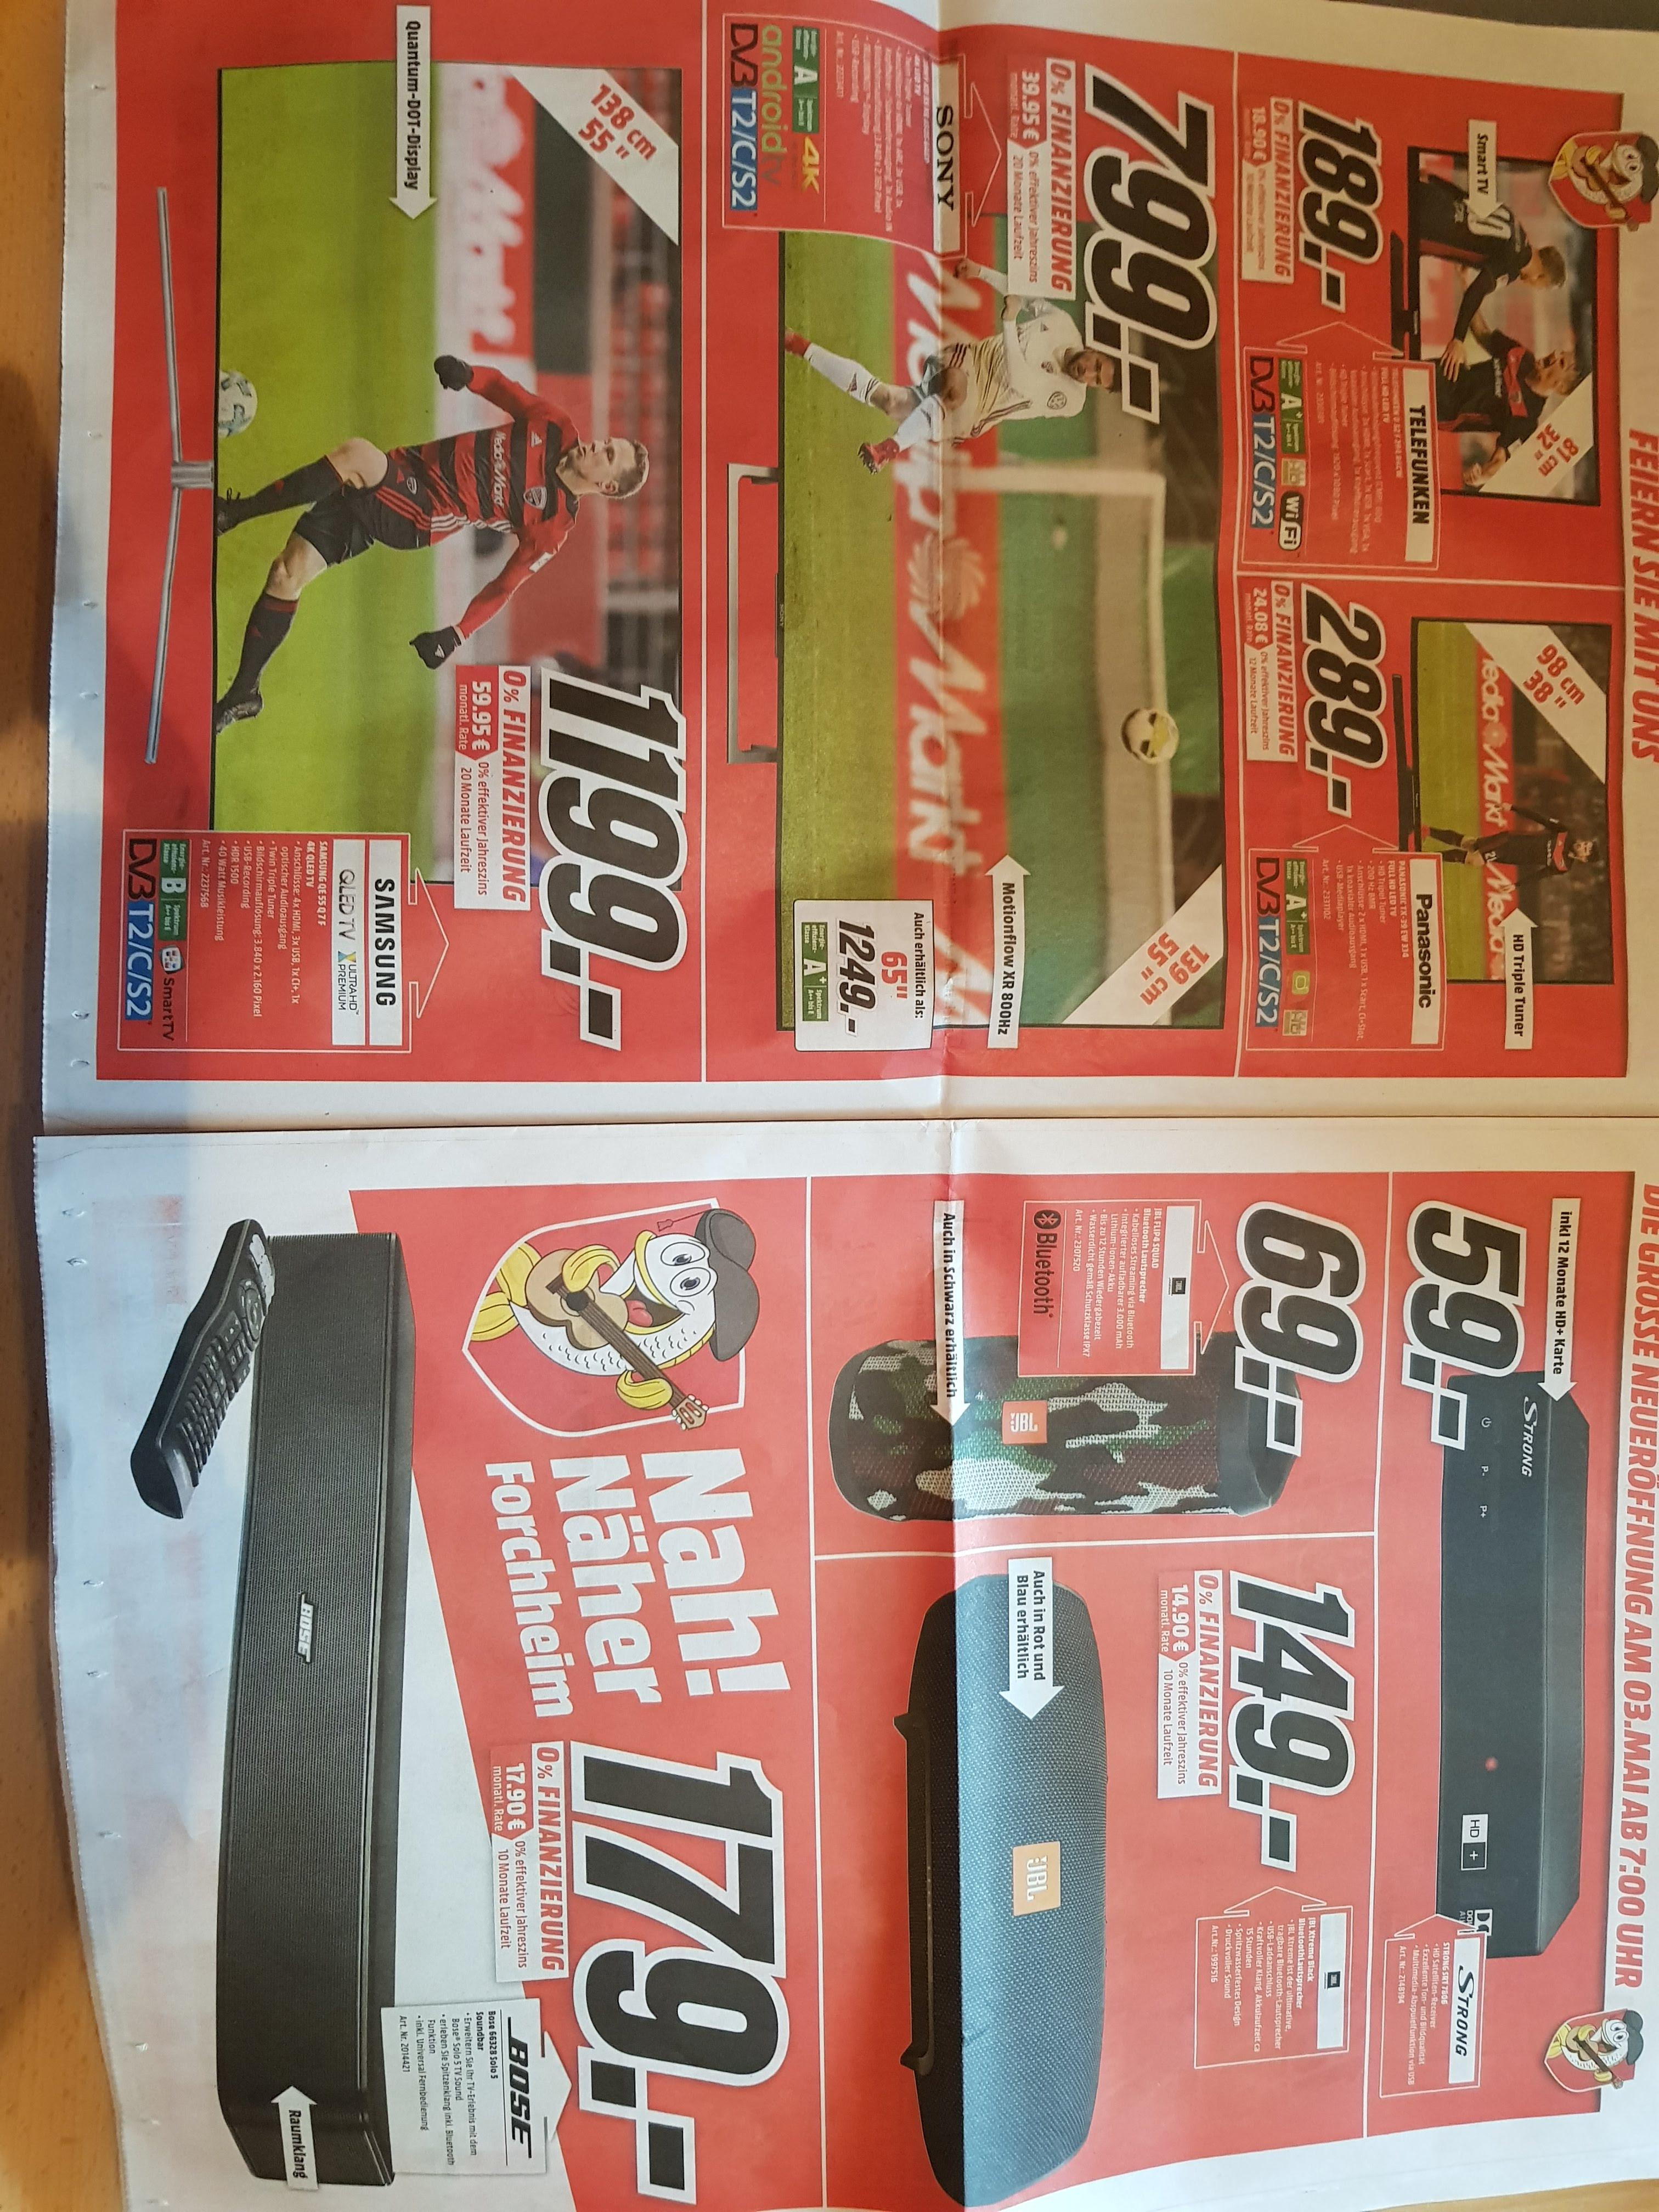 [Forchheim] Media Markt Neueröffnung 03.05. PS4+GranTurismo 199€ / Bose Soundbar Solo 5 179€ / Samsung QE 55 Q7F 1199€ / Gear Frontier 199€